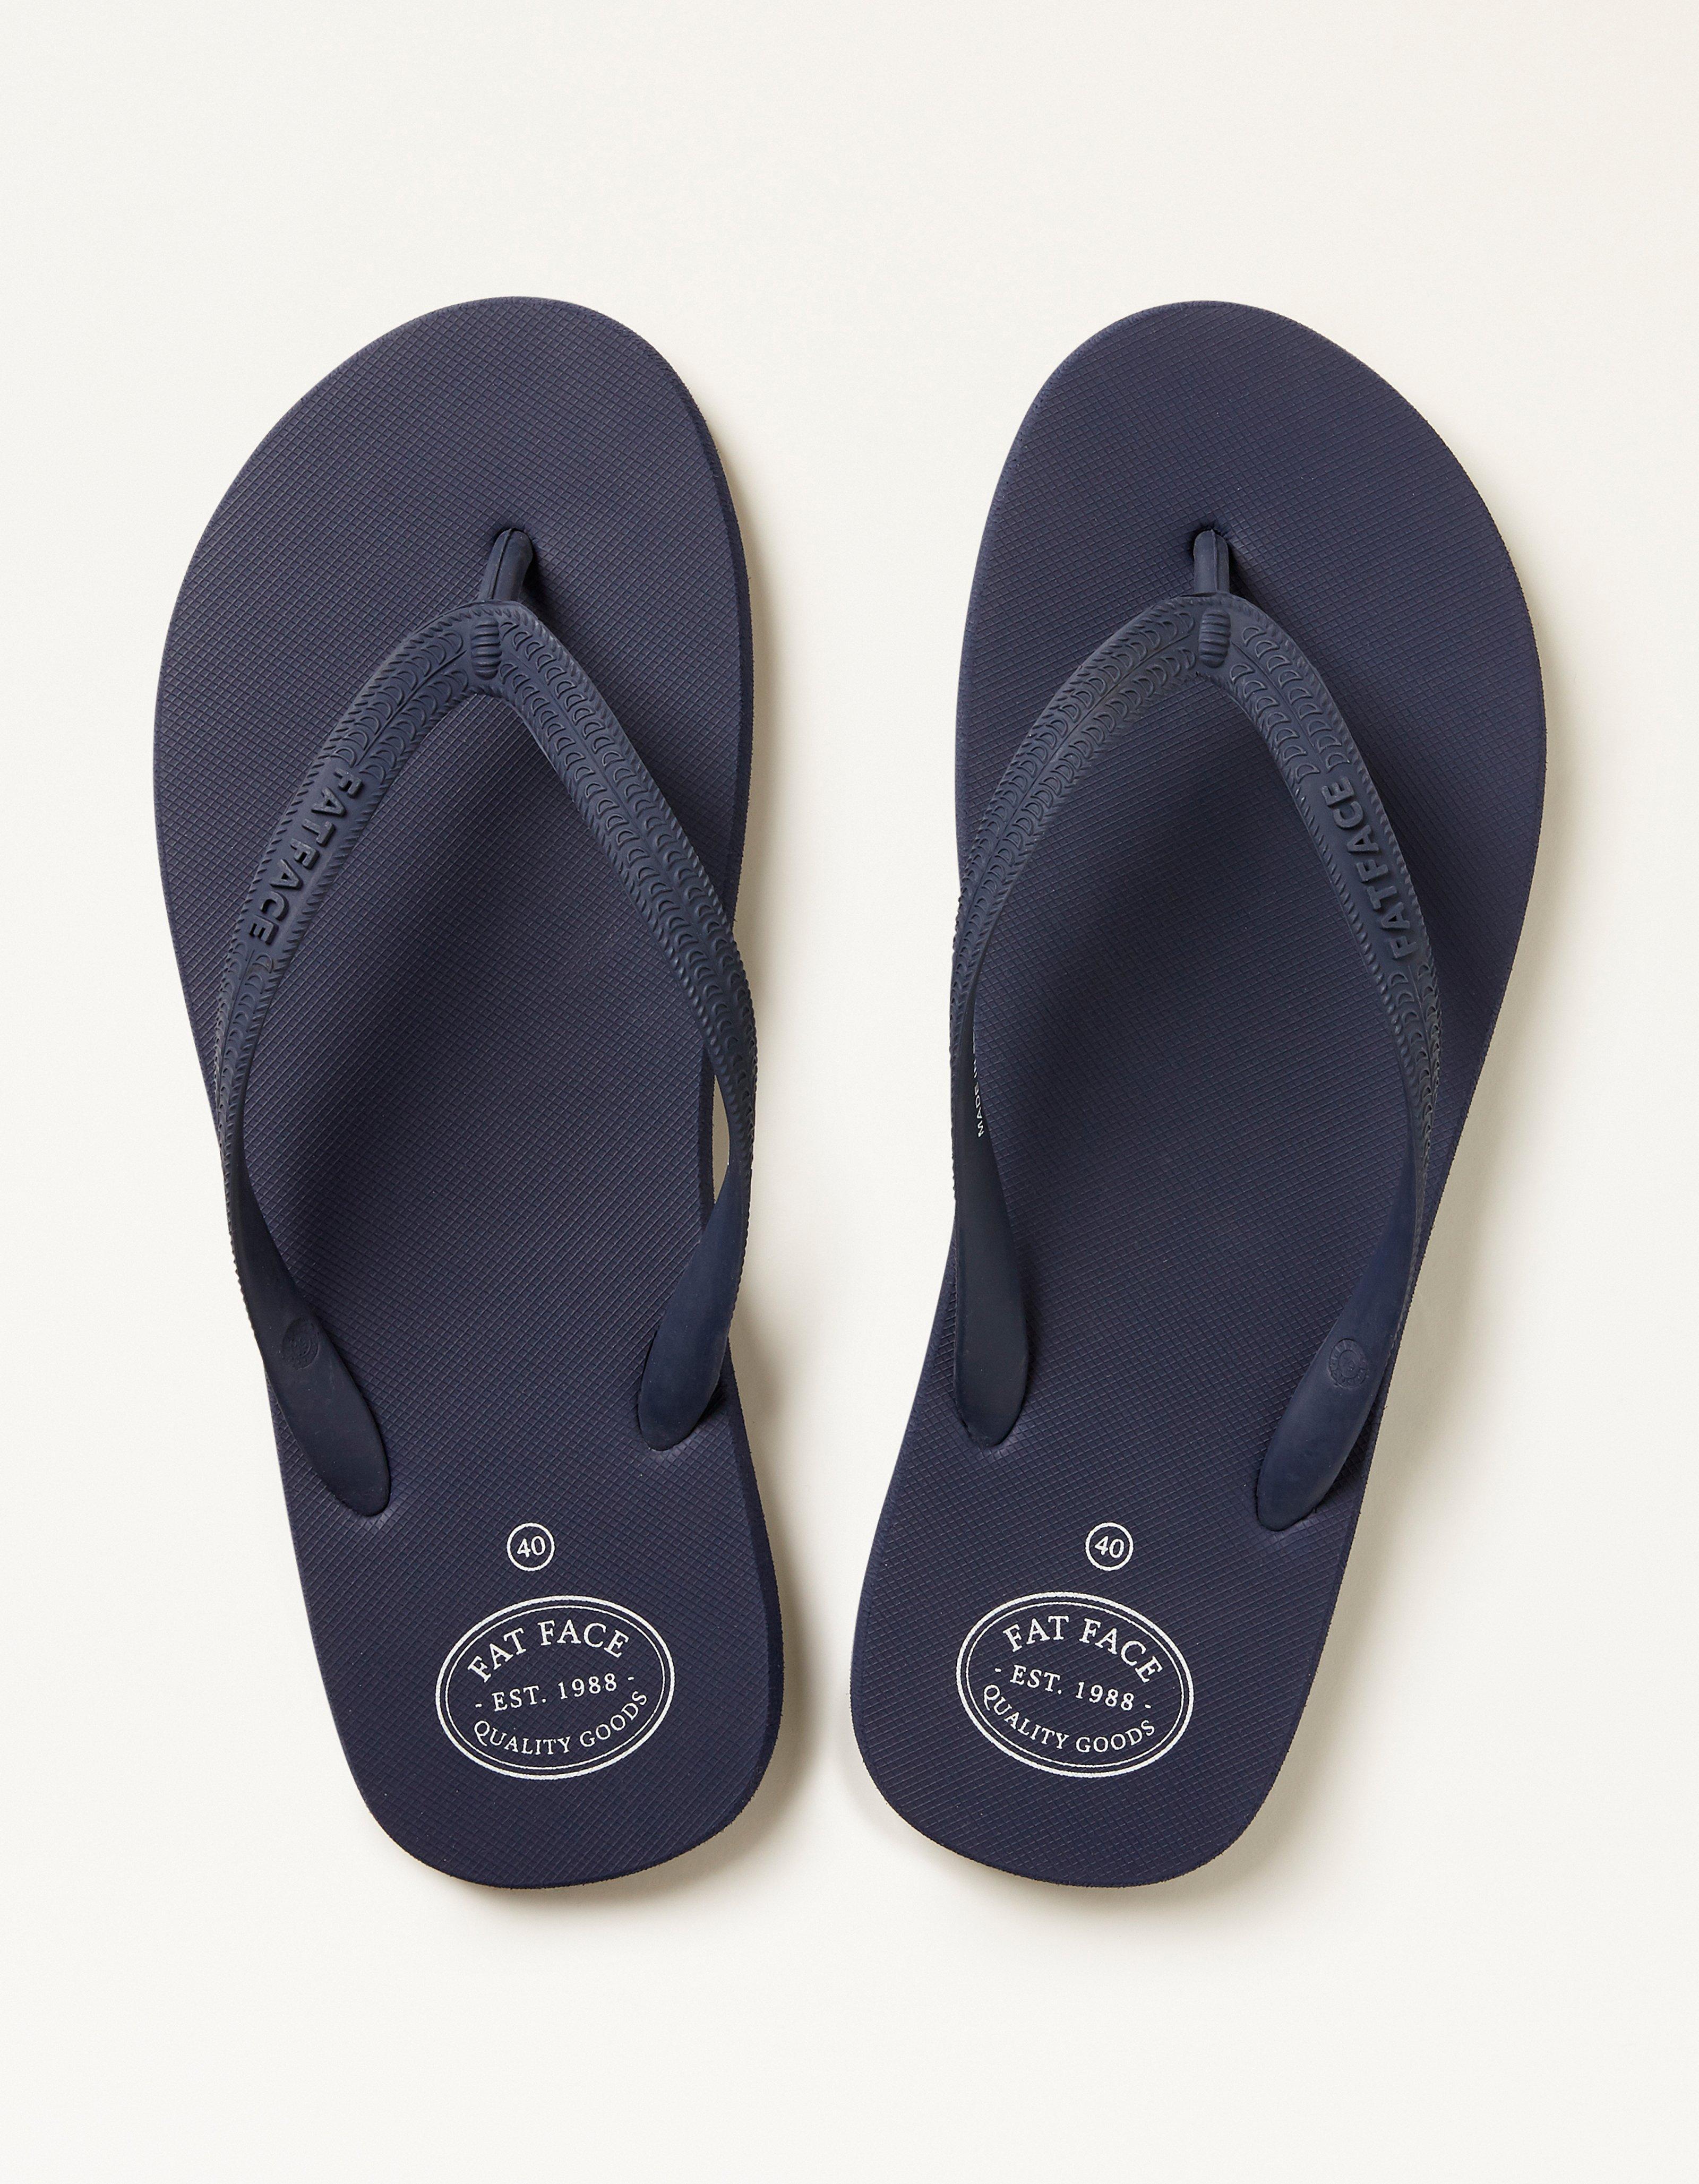 Fat Face Henley Flip Flops  - Size: 8